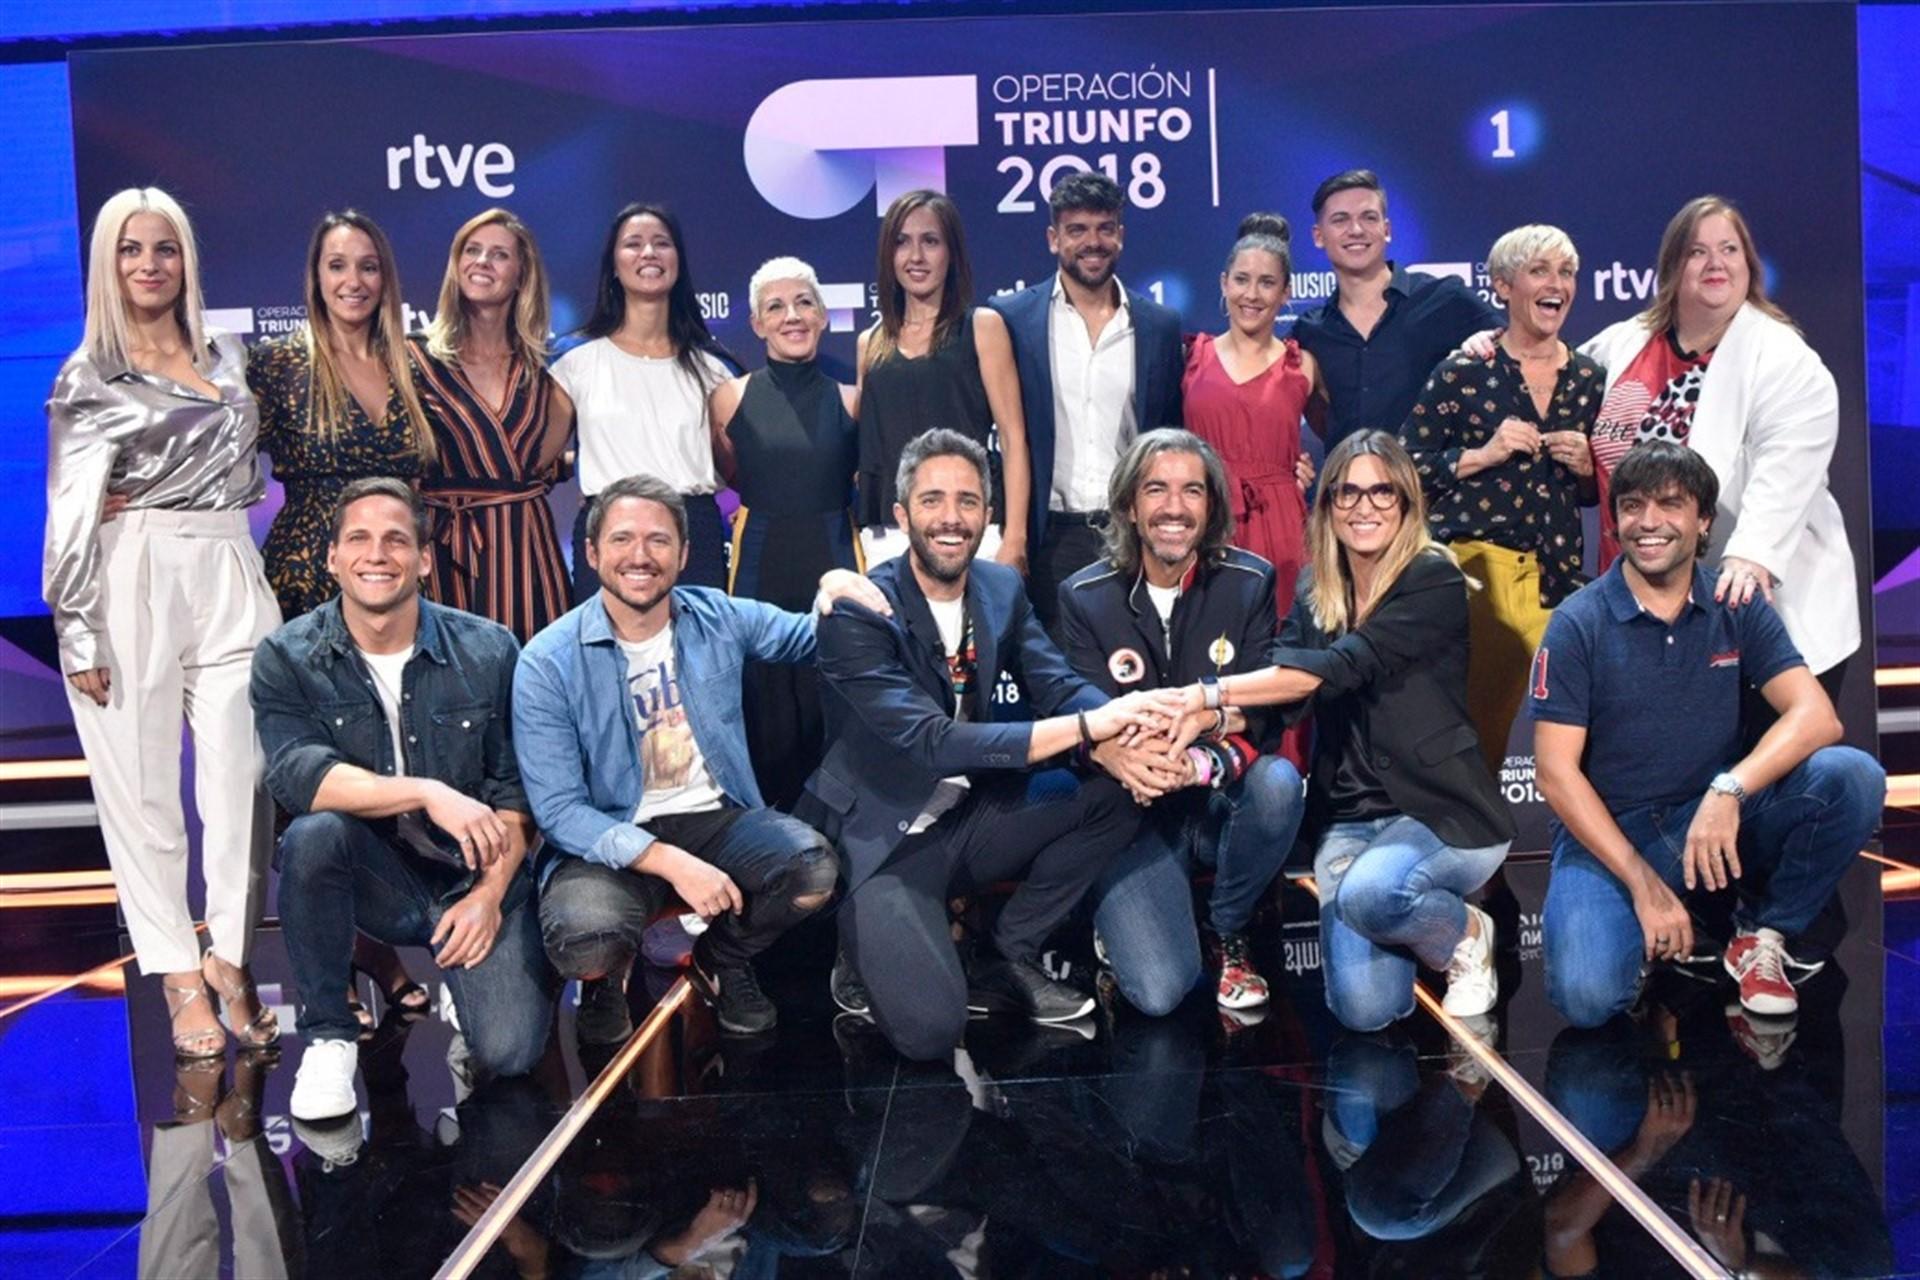 »OT 2018»: todas las novedades y cambios de la nueva edición de Operación Triunfo